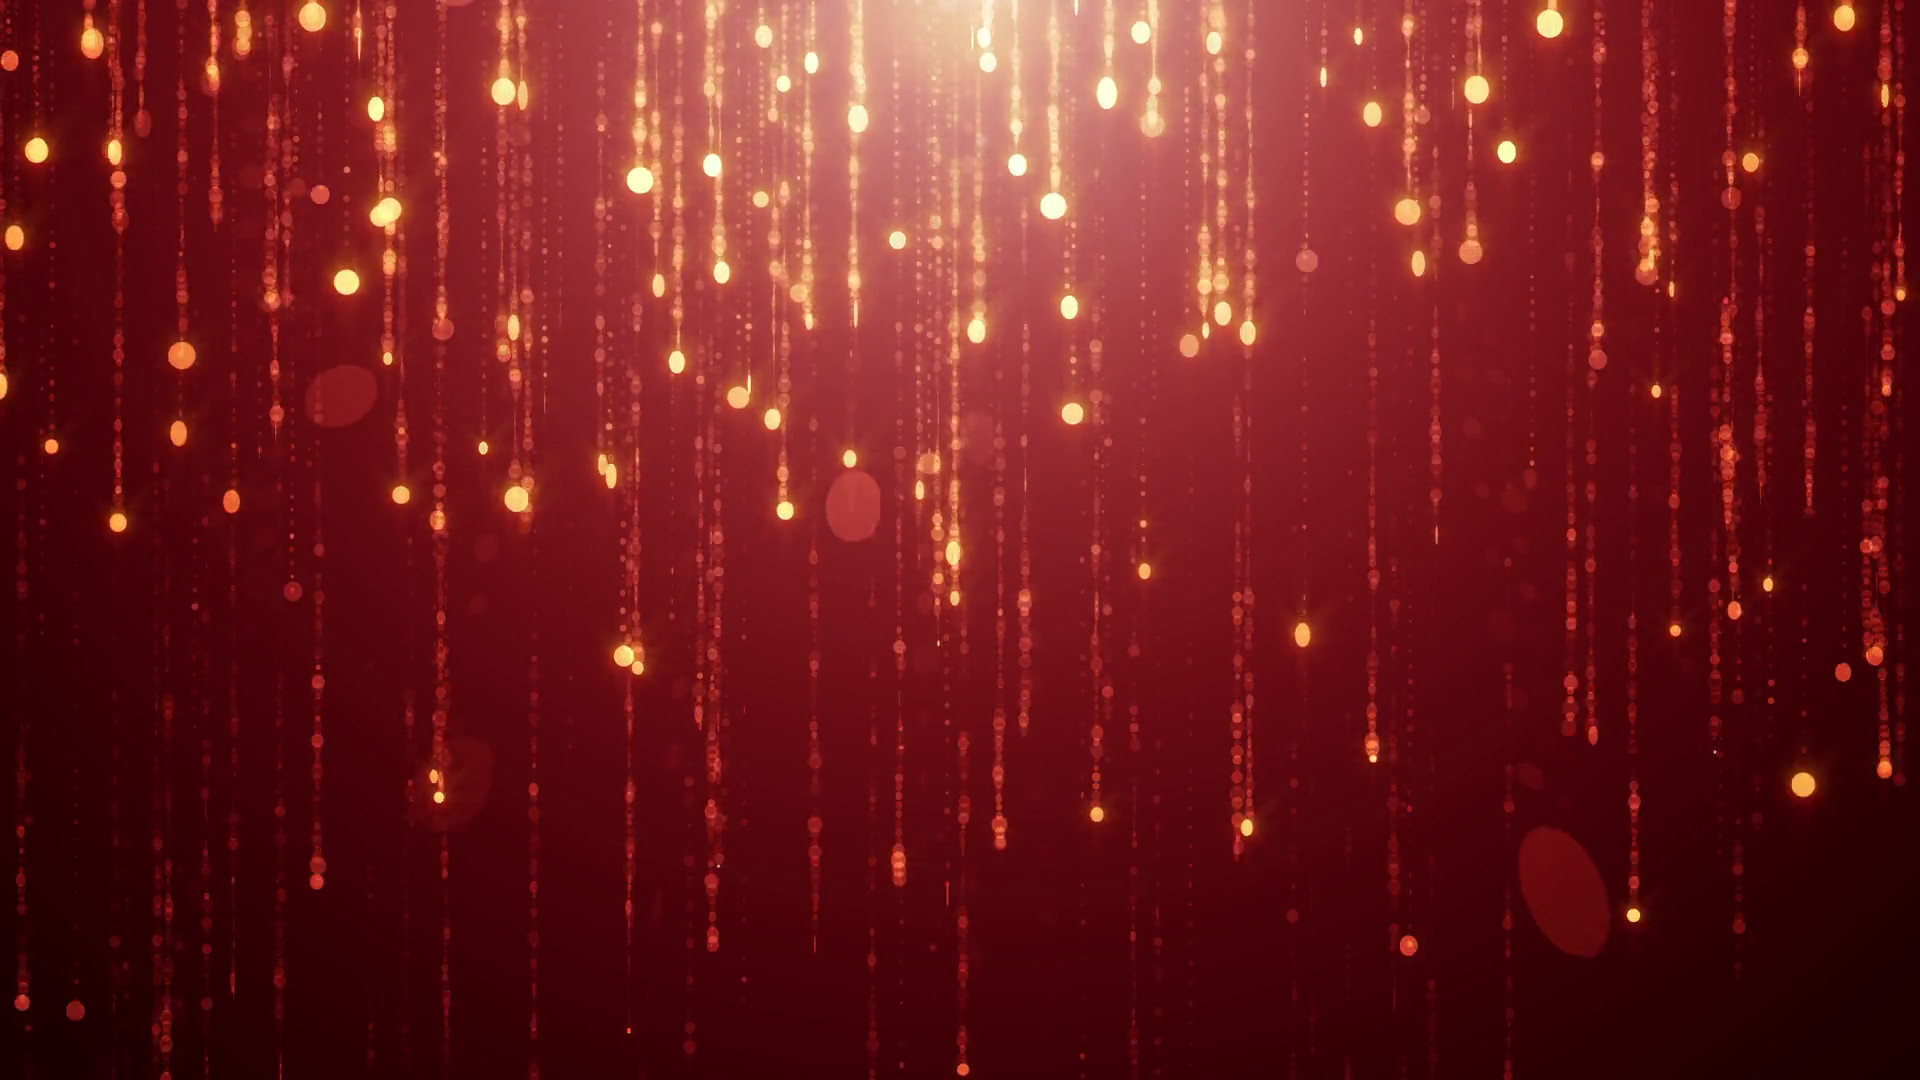 Falling Glitter Wallpaper Glamour Background 183 ①